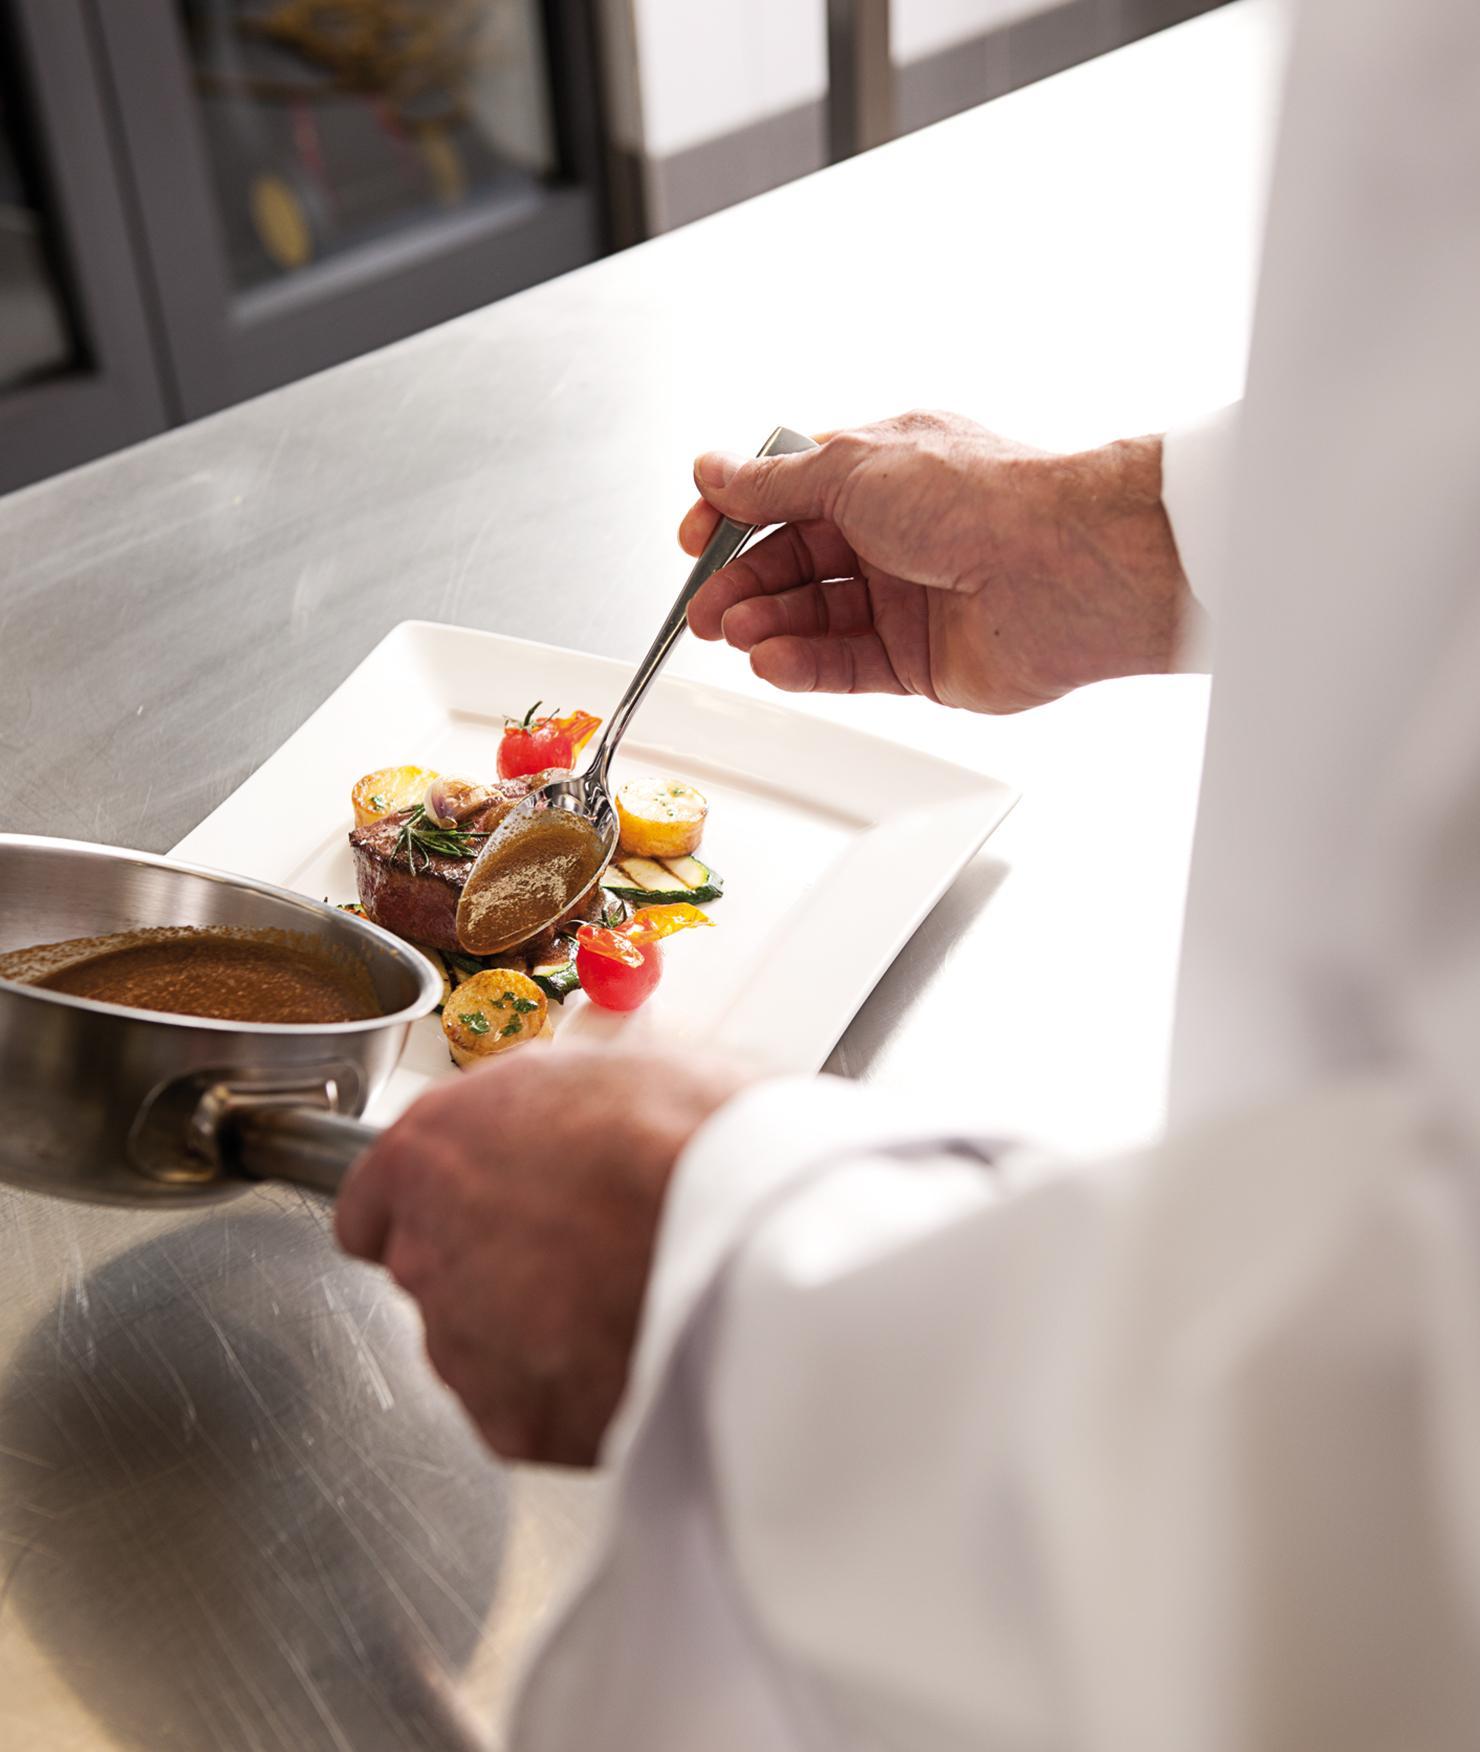 BRITA toprestaurant gestoomde gerechten